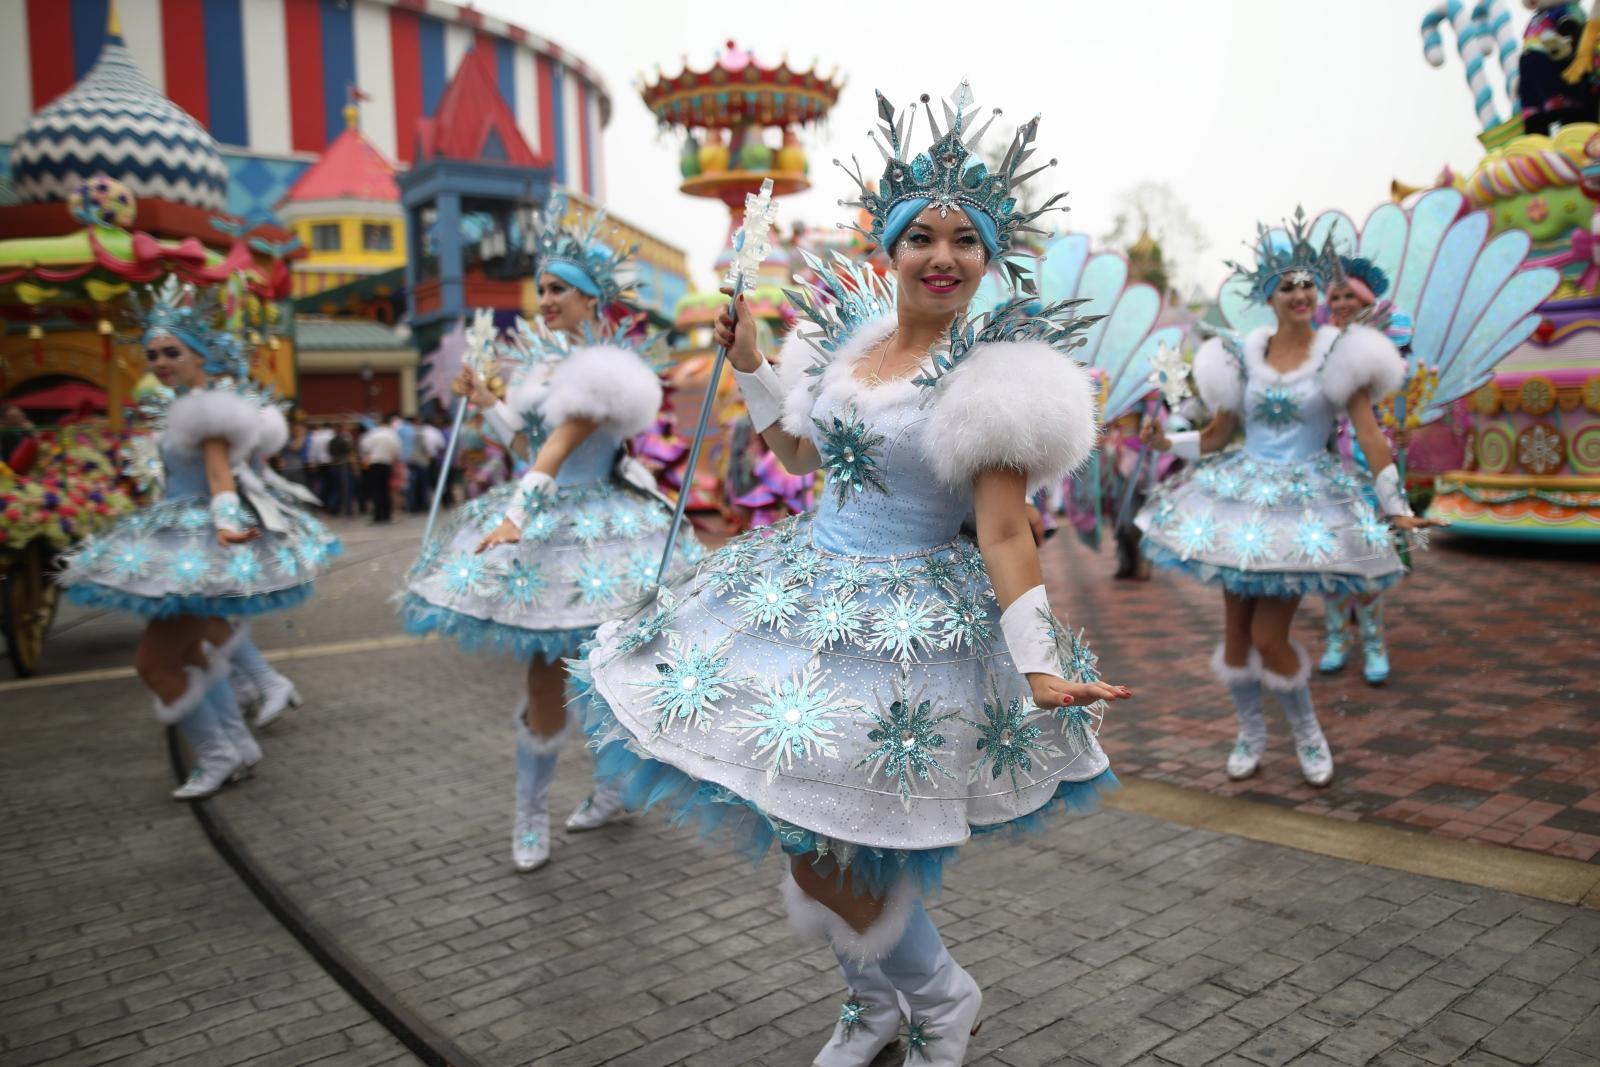 Park rozrywki w Chinach Fot. EPA/WU HONG Dostawca: PAP/EPA.